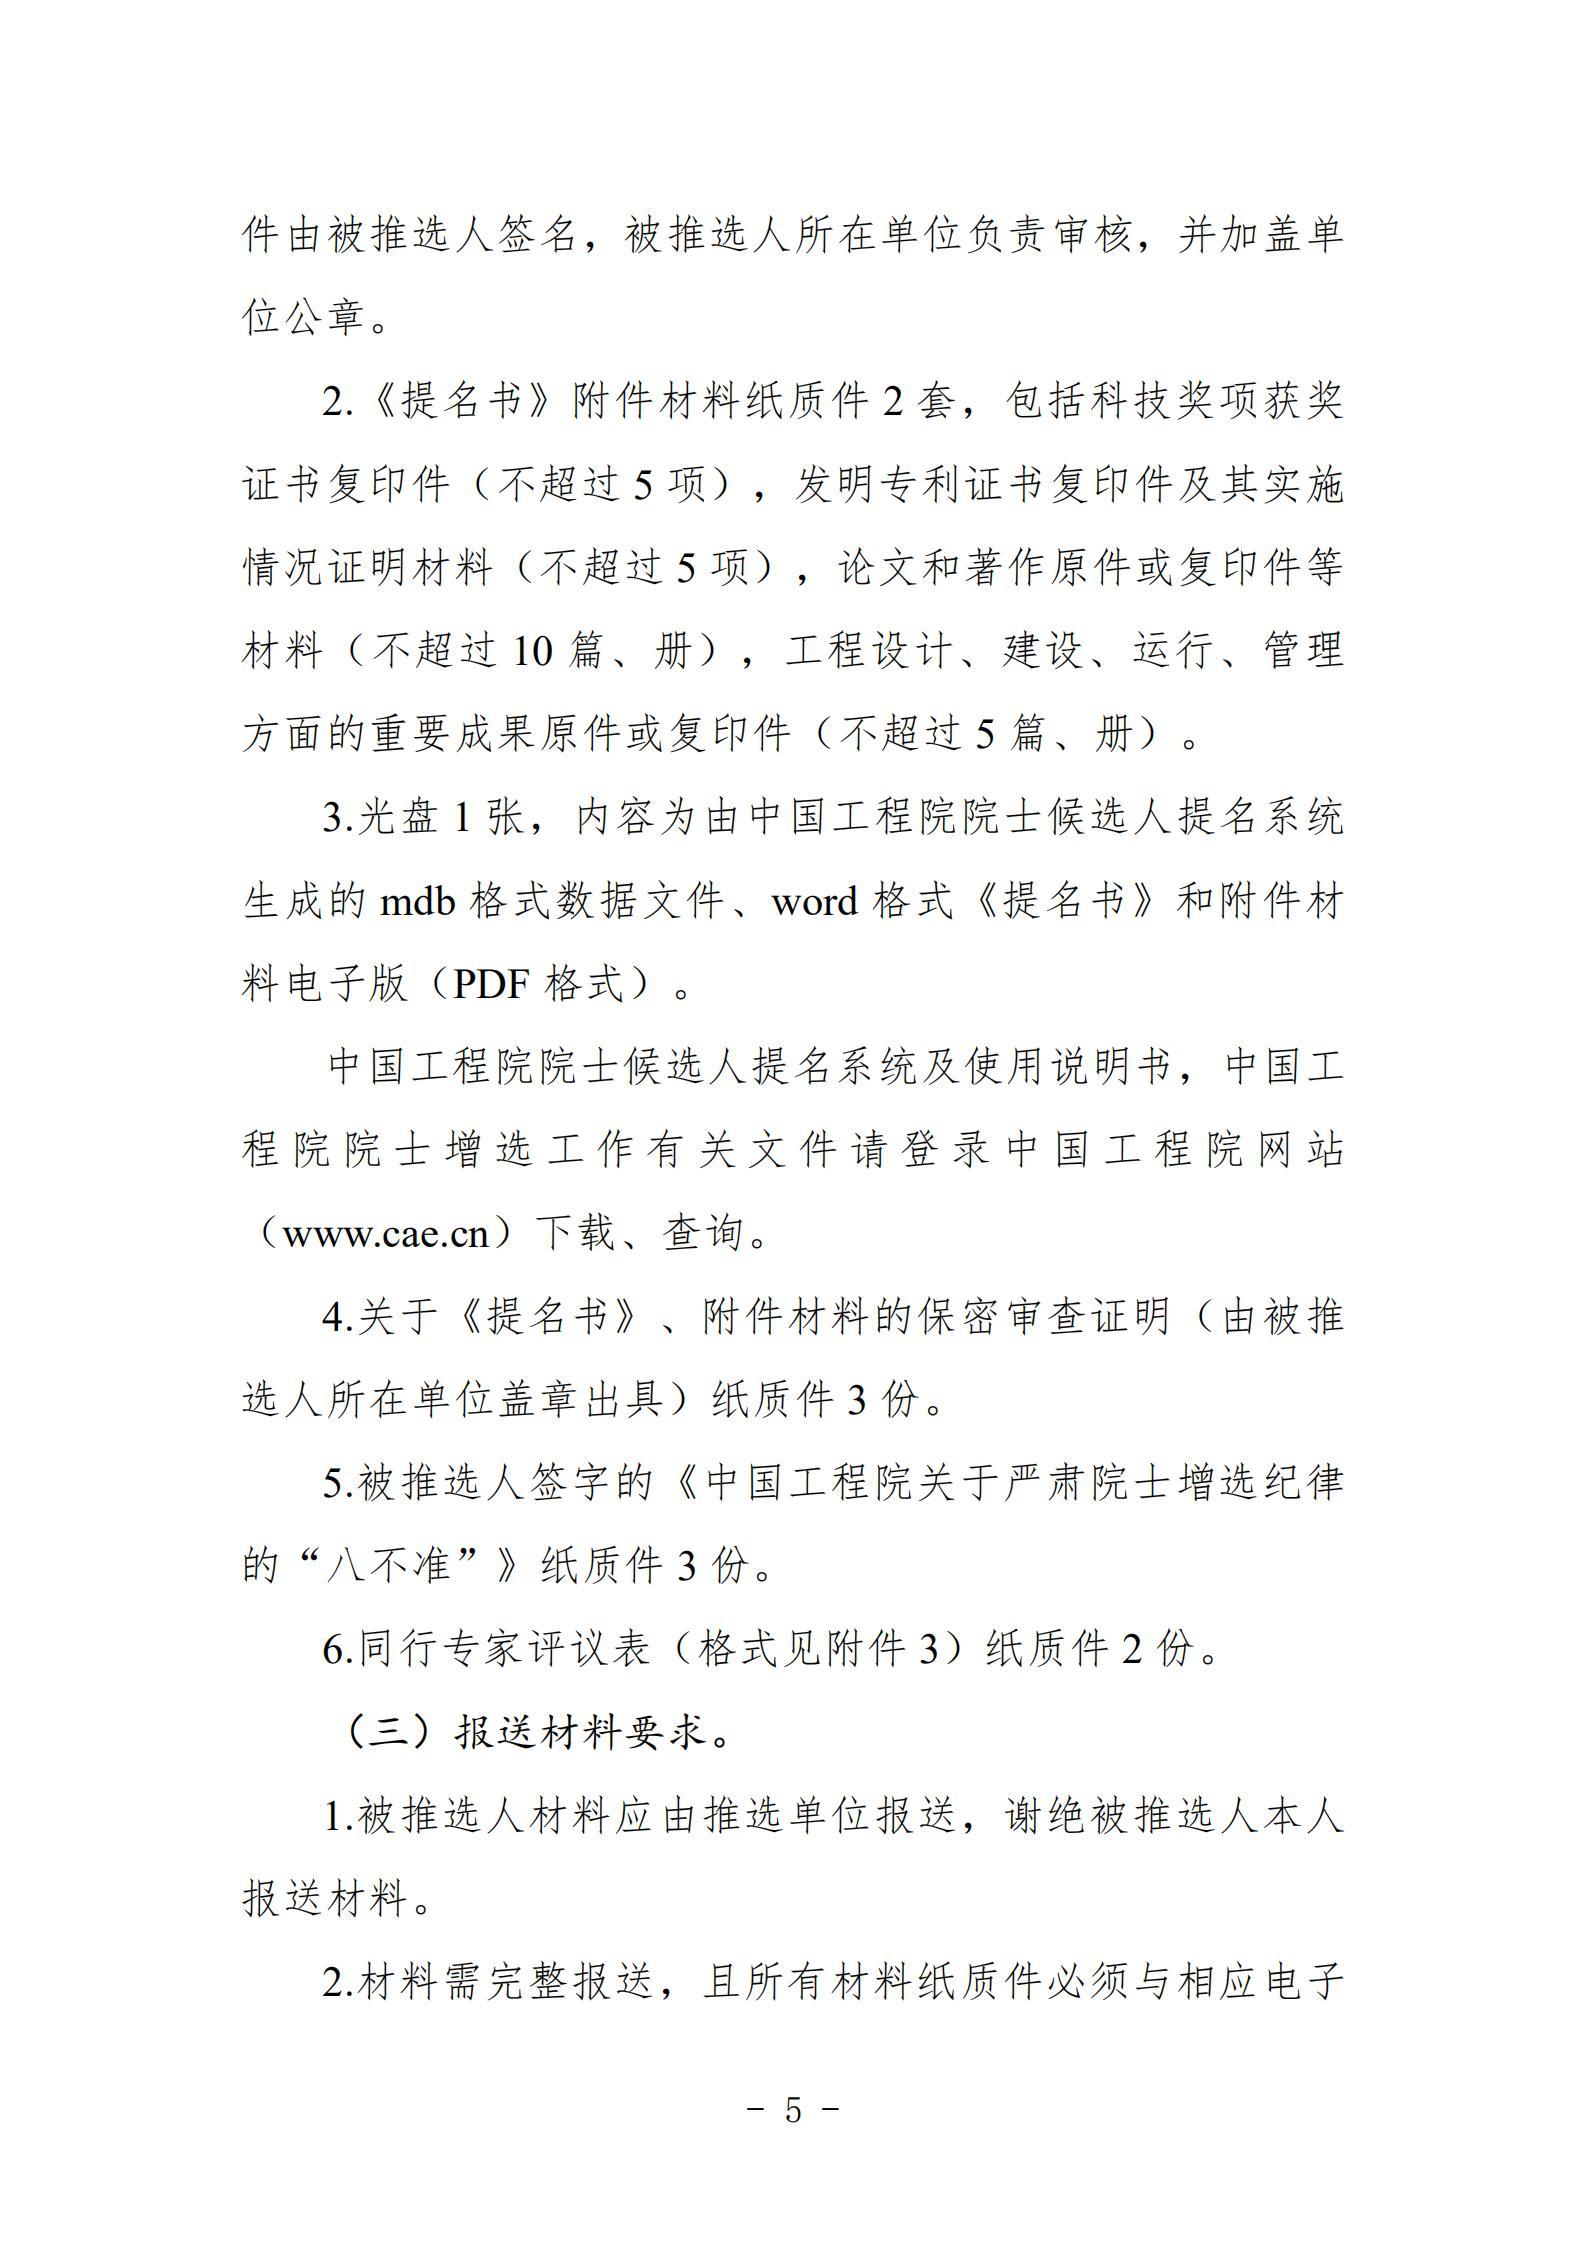 中國遙感應用協會關于組織推選2021年中國科學院和中國工程院院士候選人的通知_04.jpg